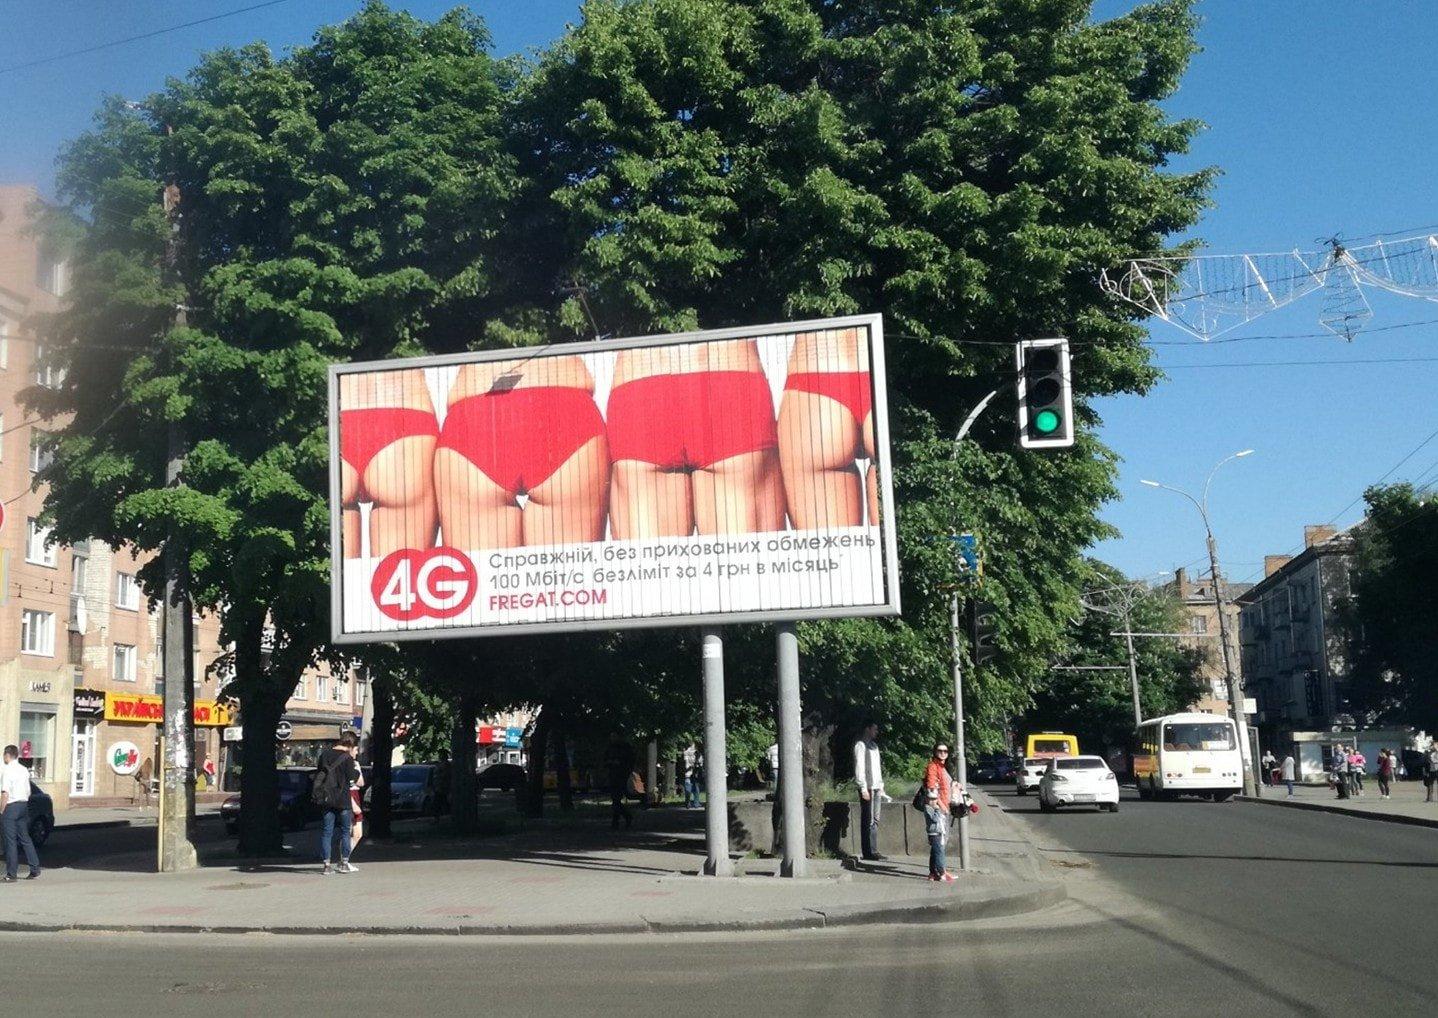 Рекламний білборд, на якому зображені жіночі тіла у спідній білизні